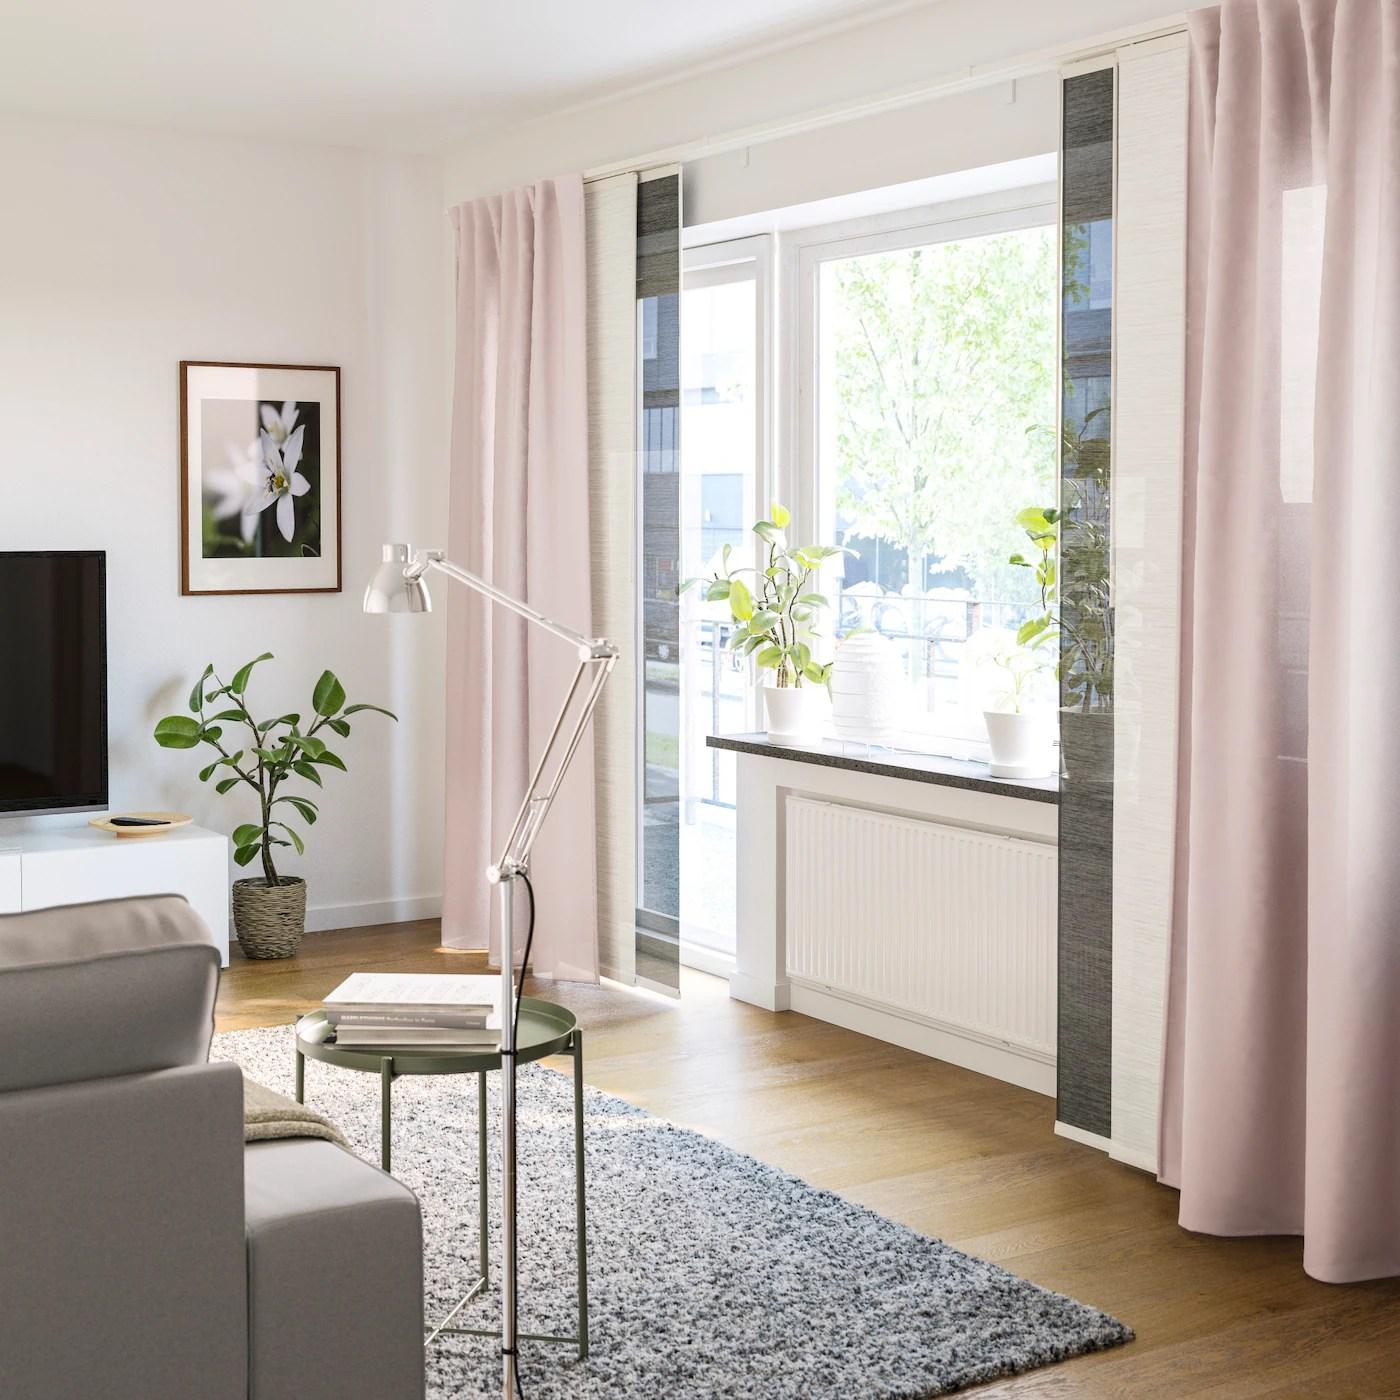 Gardinenlsung fr Licht im Wohnzimmer  IKEA